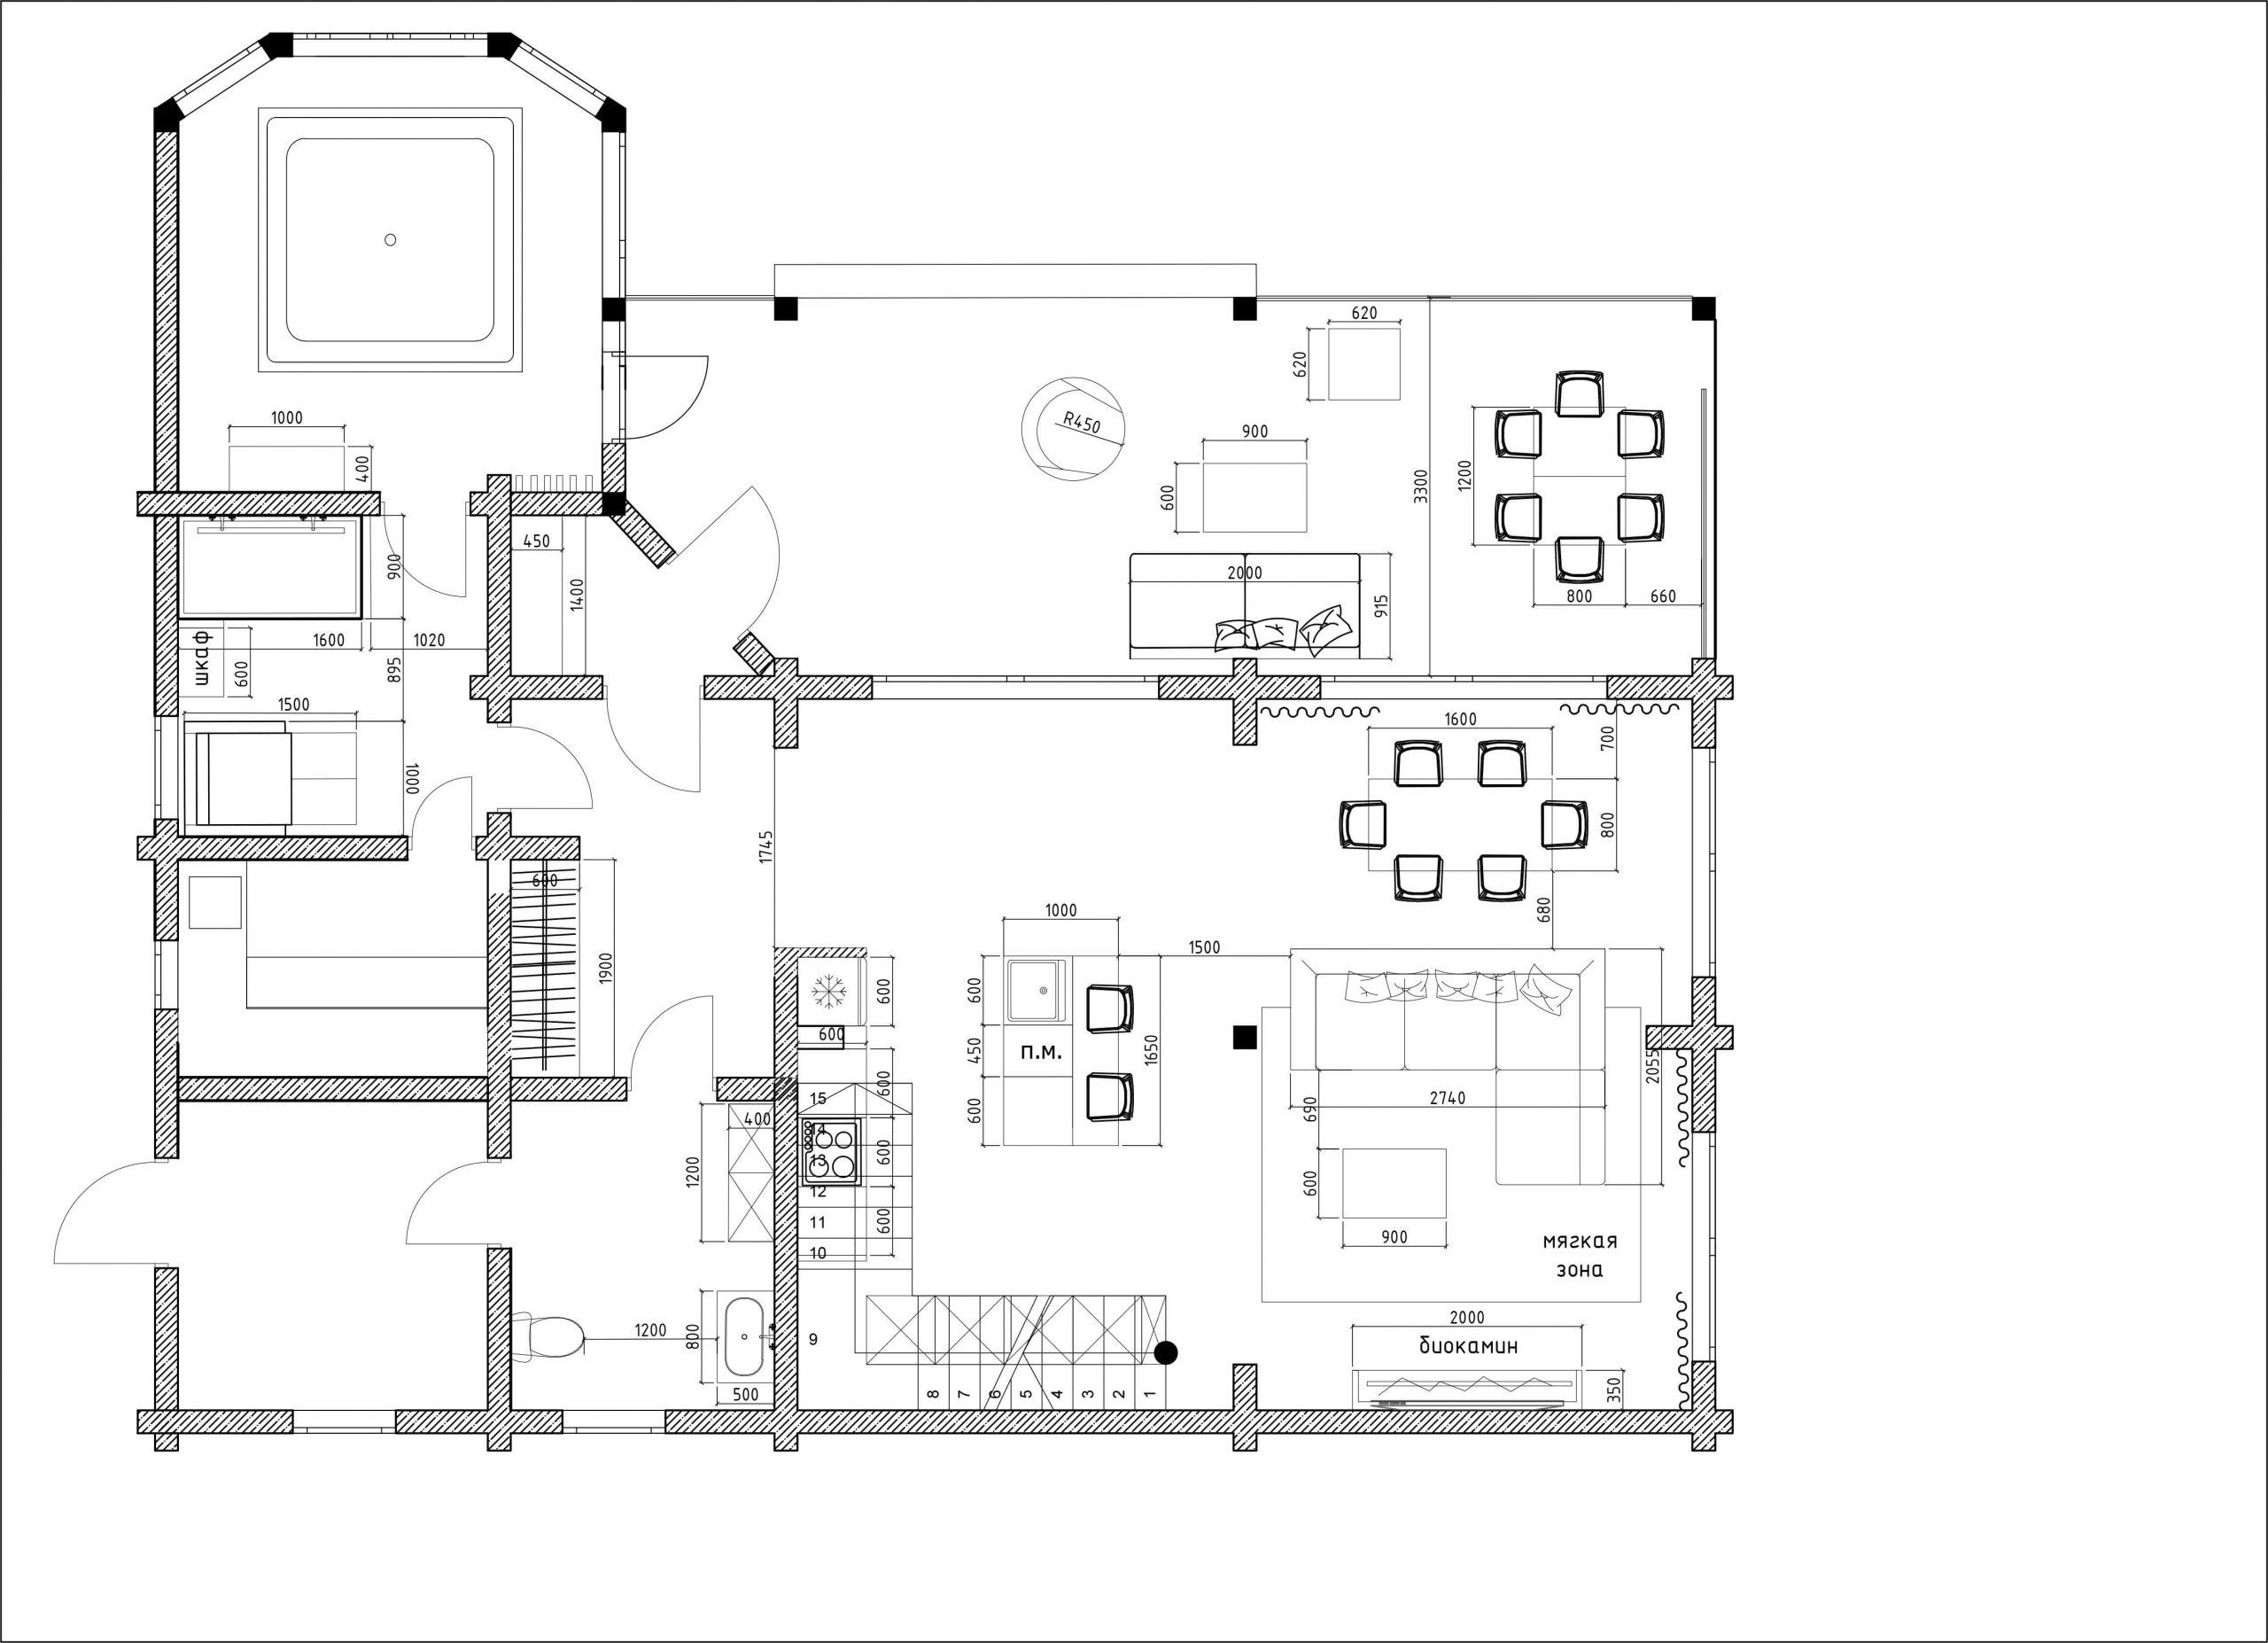 Планировка частного дома: как правильно выбрать и на что стоит обратить внимание при архитектурном проектировании дома?